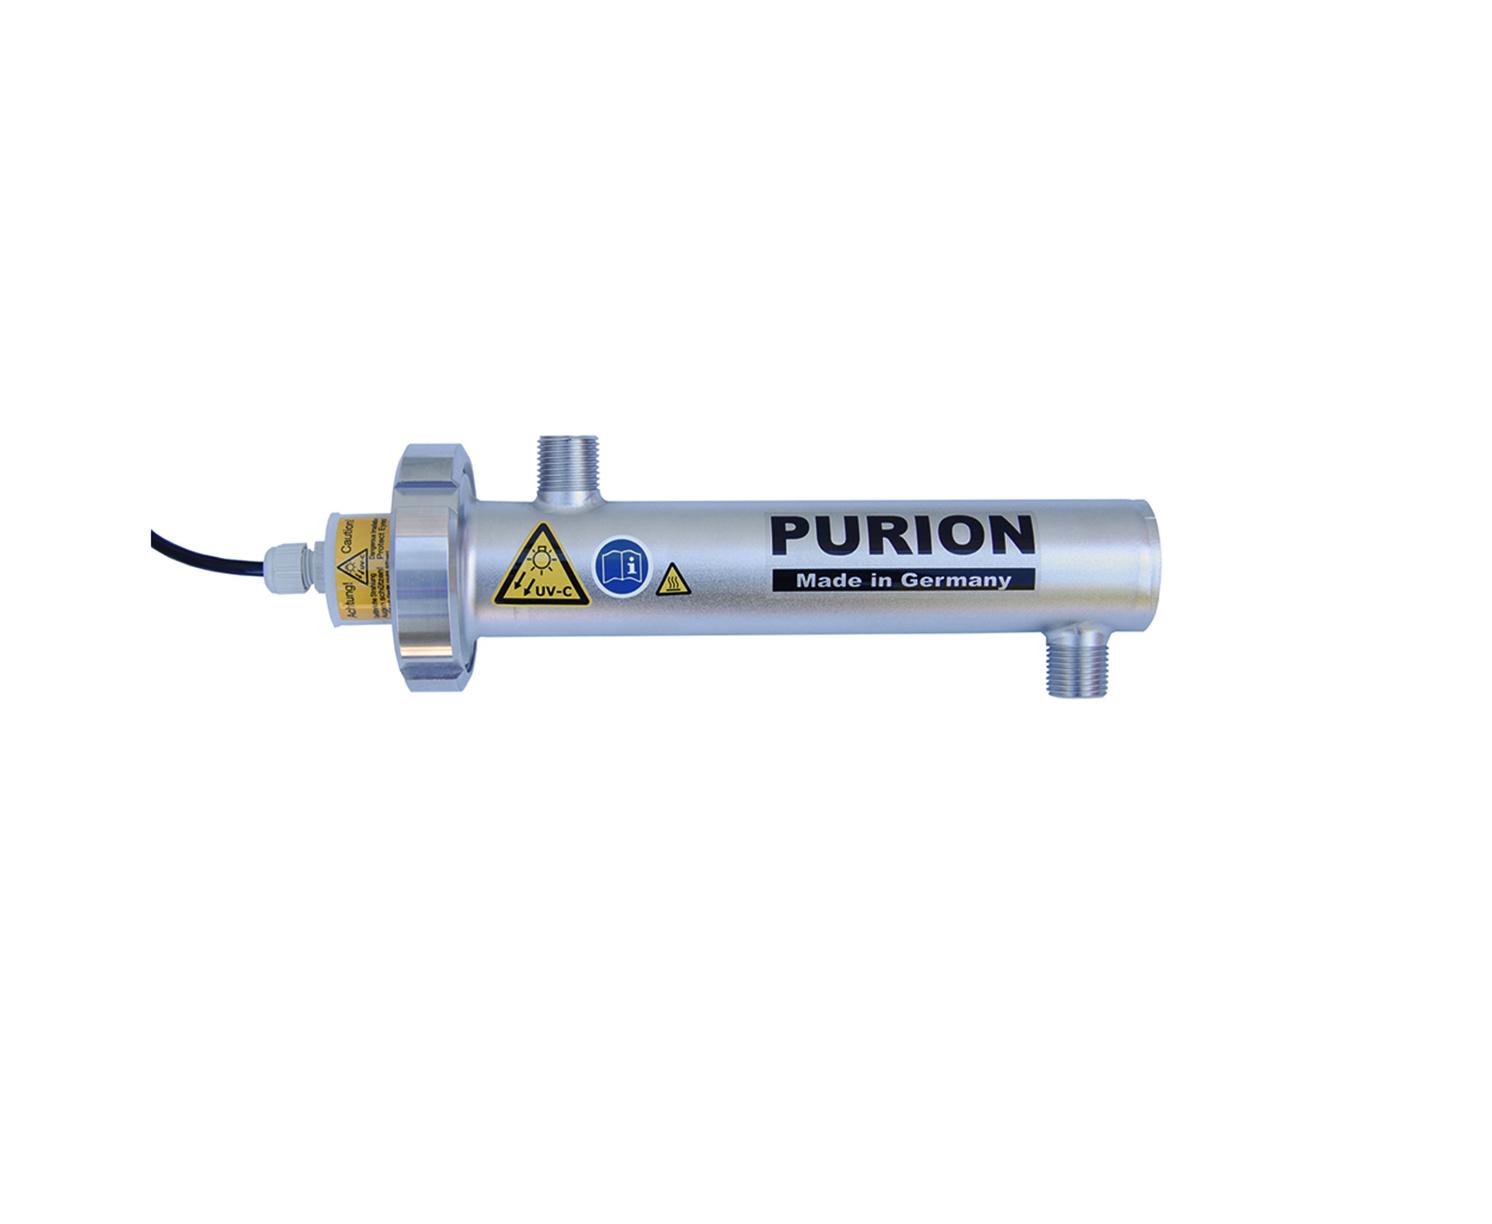 Purion Desinfektion von Wasser mit UV Licht